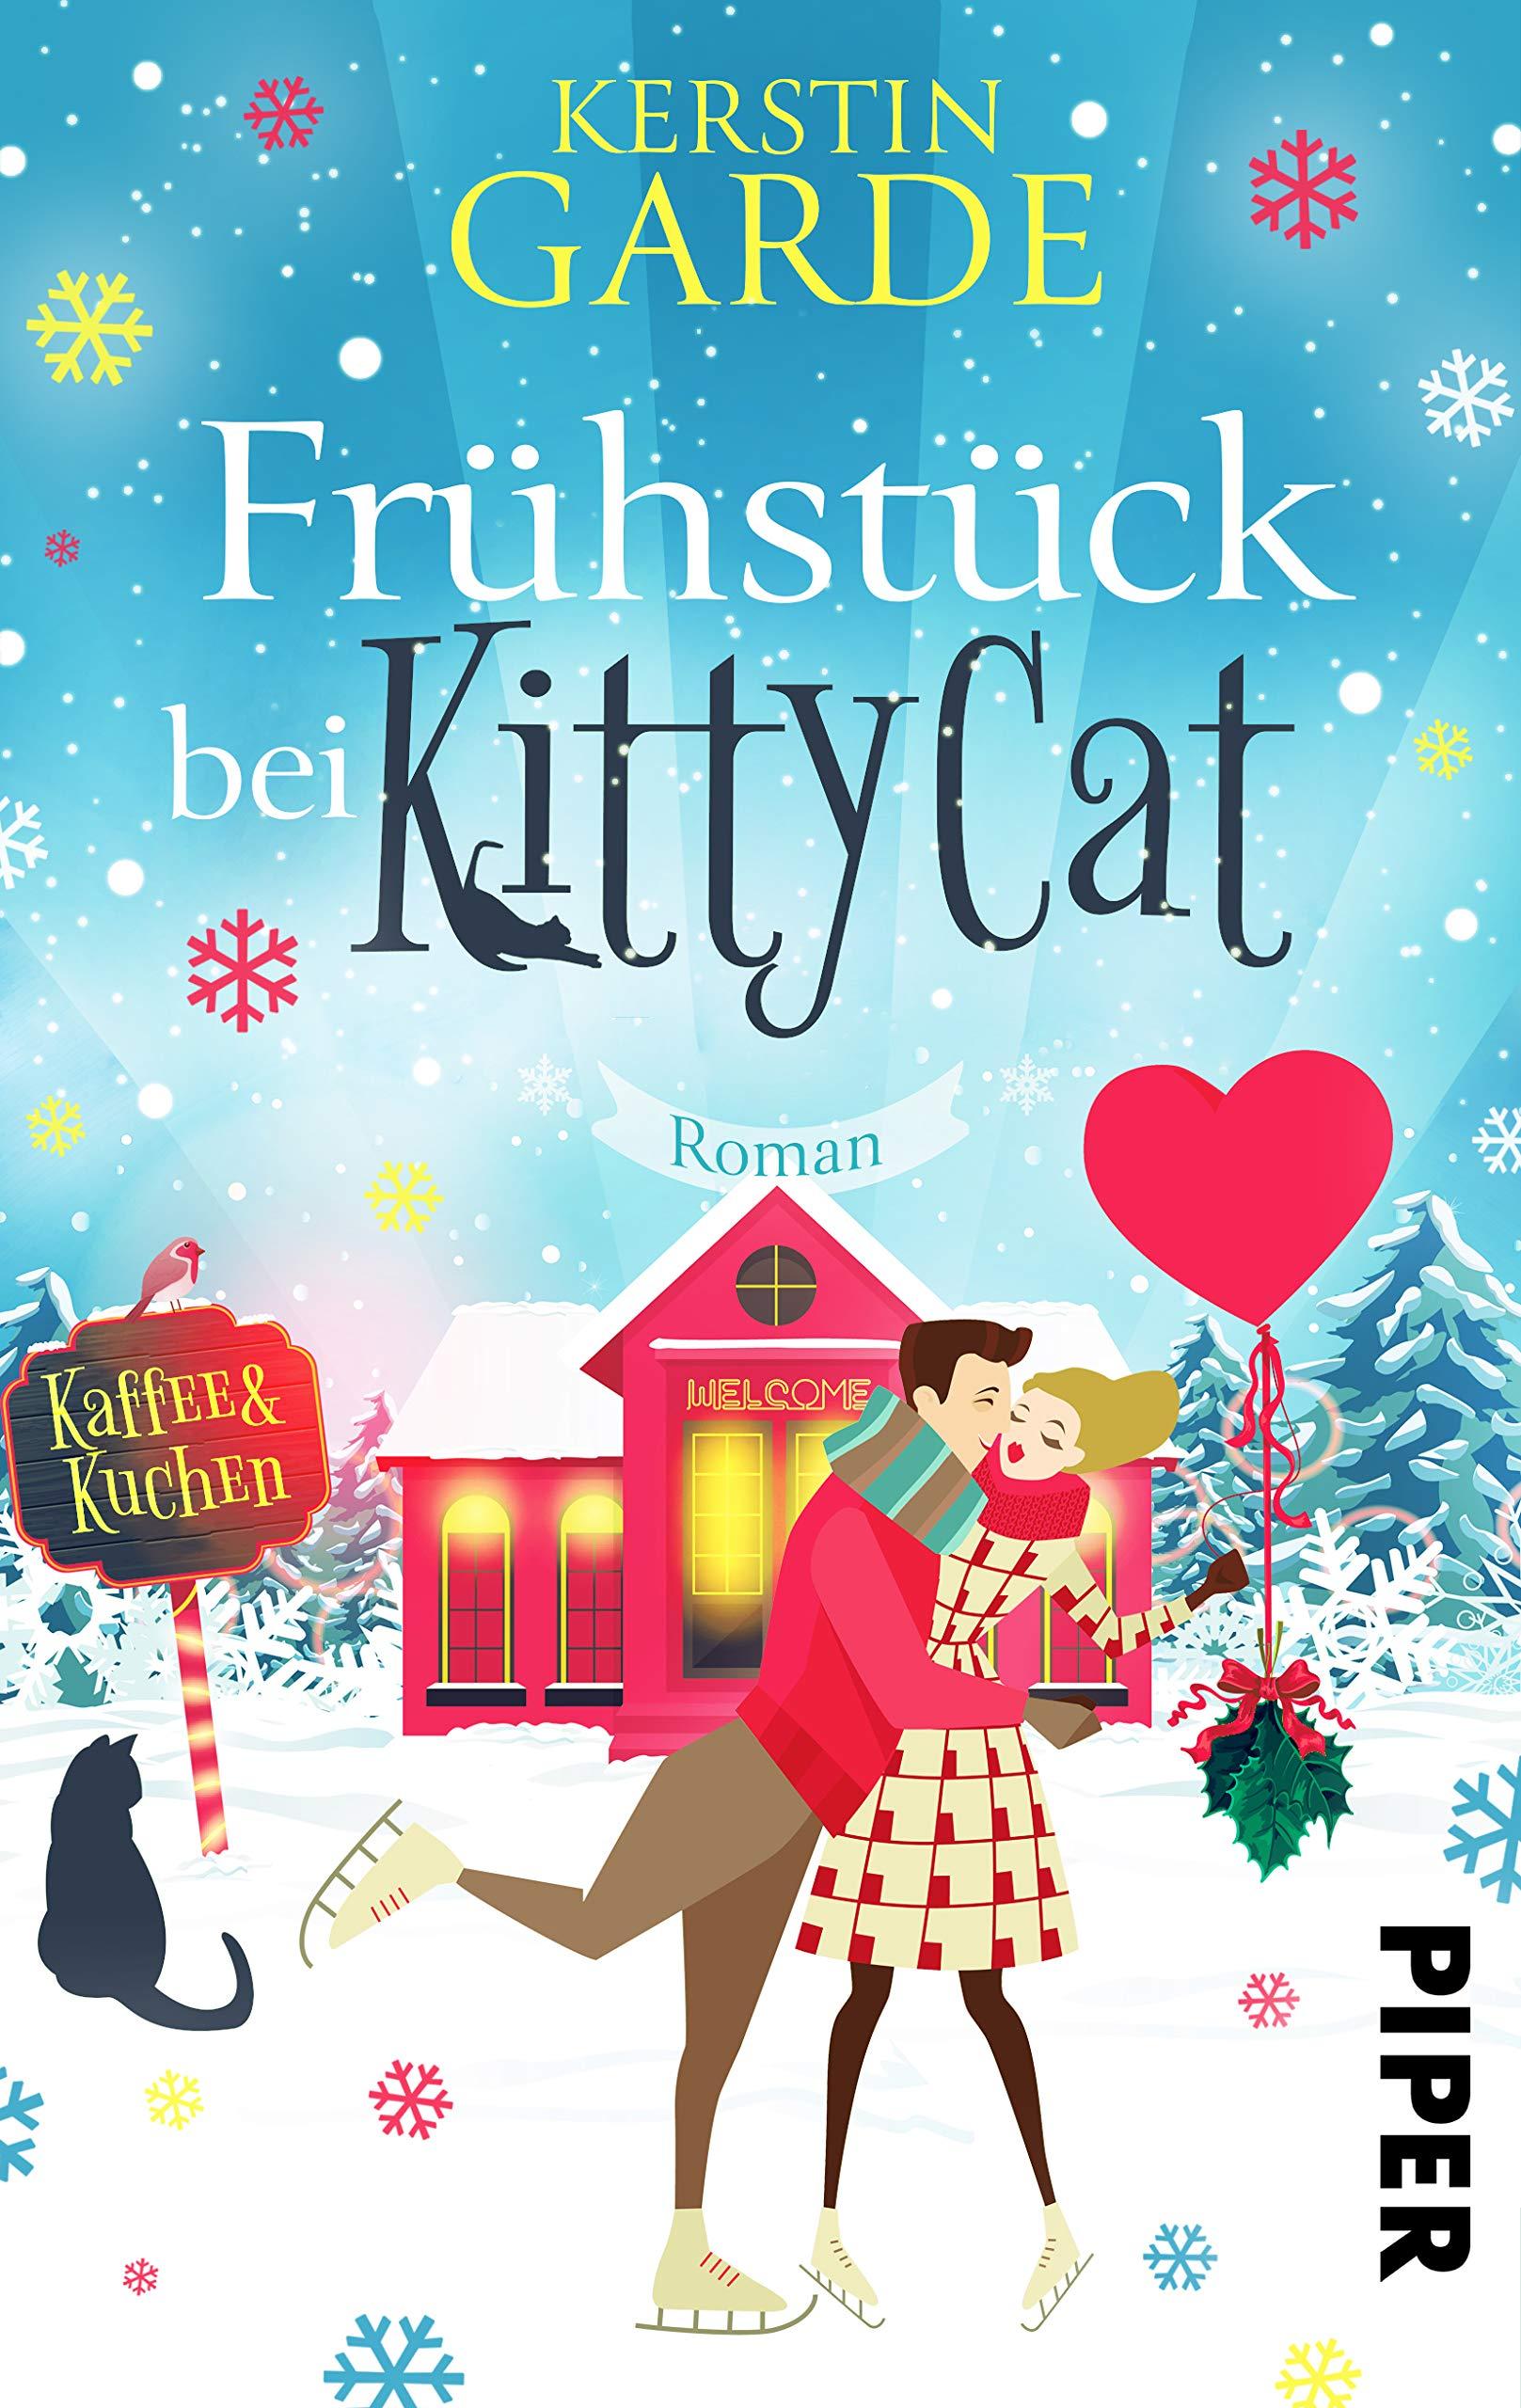 Frühstück bei KittyCat: Roman: Amazon.de: Kerstin Garde: Bücher